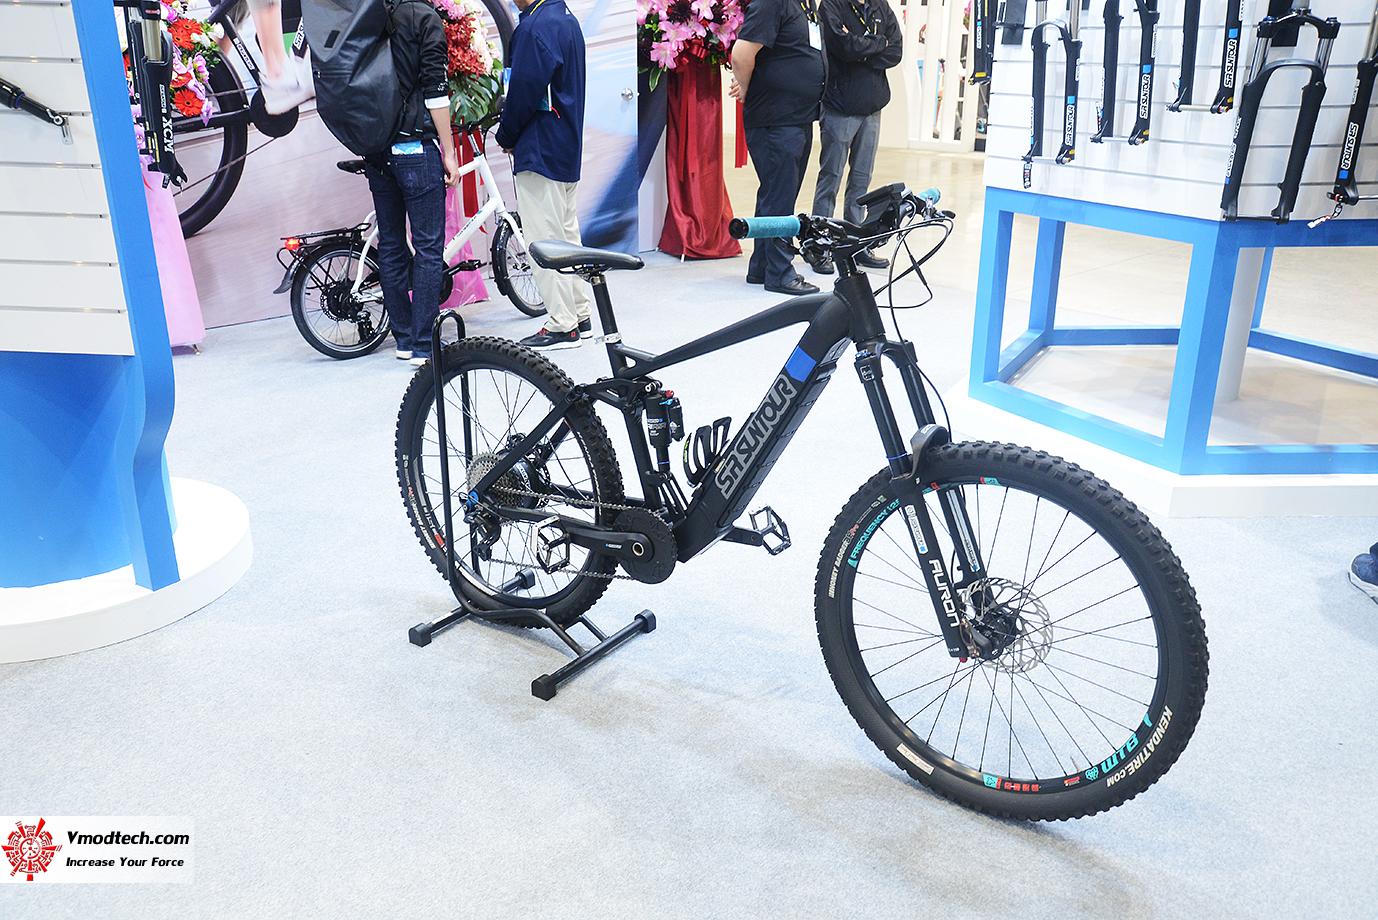 dsc 9244 เยี่ยมชมงาน TAIPEI CYCLE 2019 งานของคนรักจักรยาน ณ กรุงไทเป ประเทศไต้หวัน